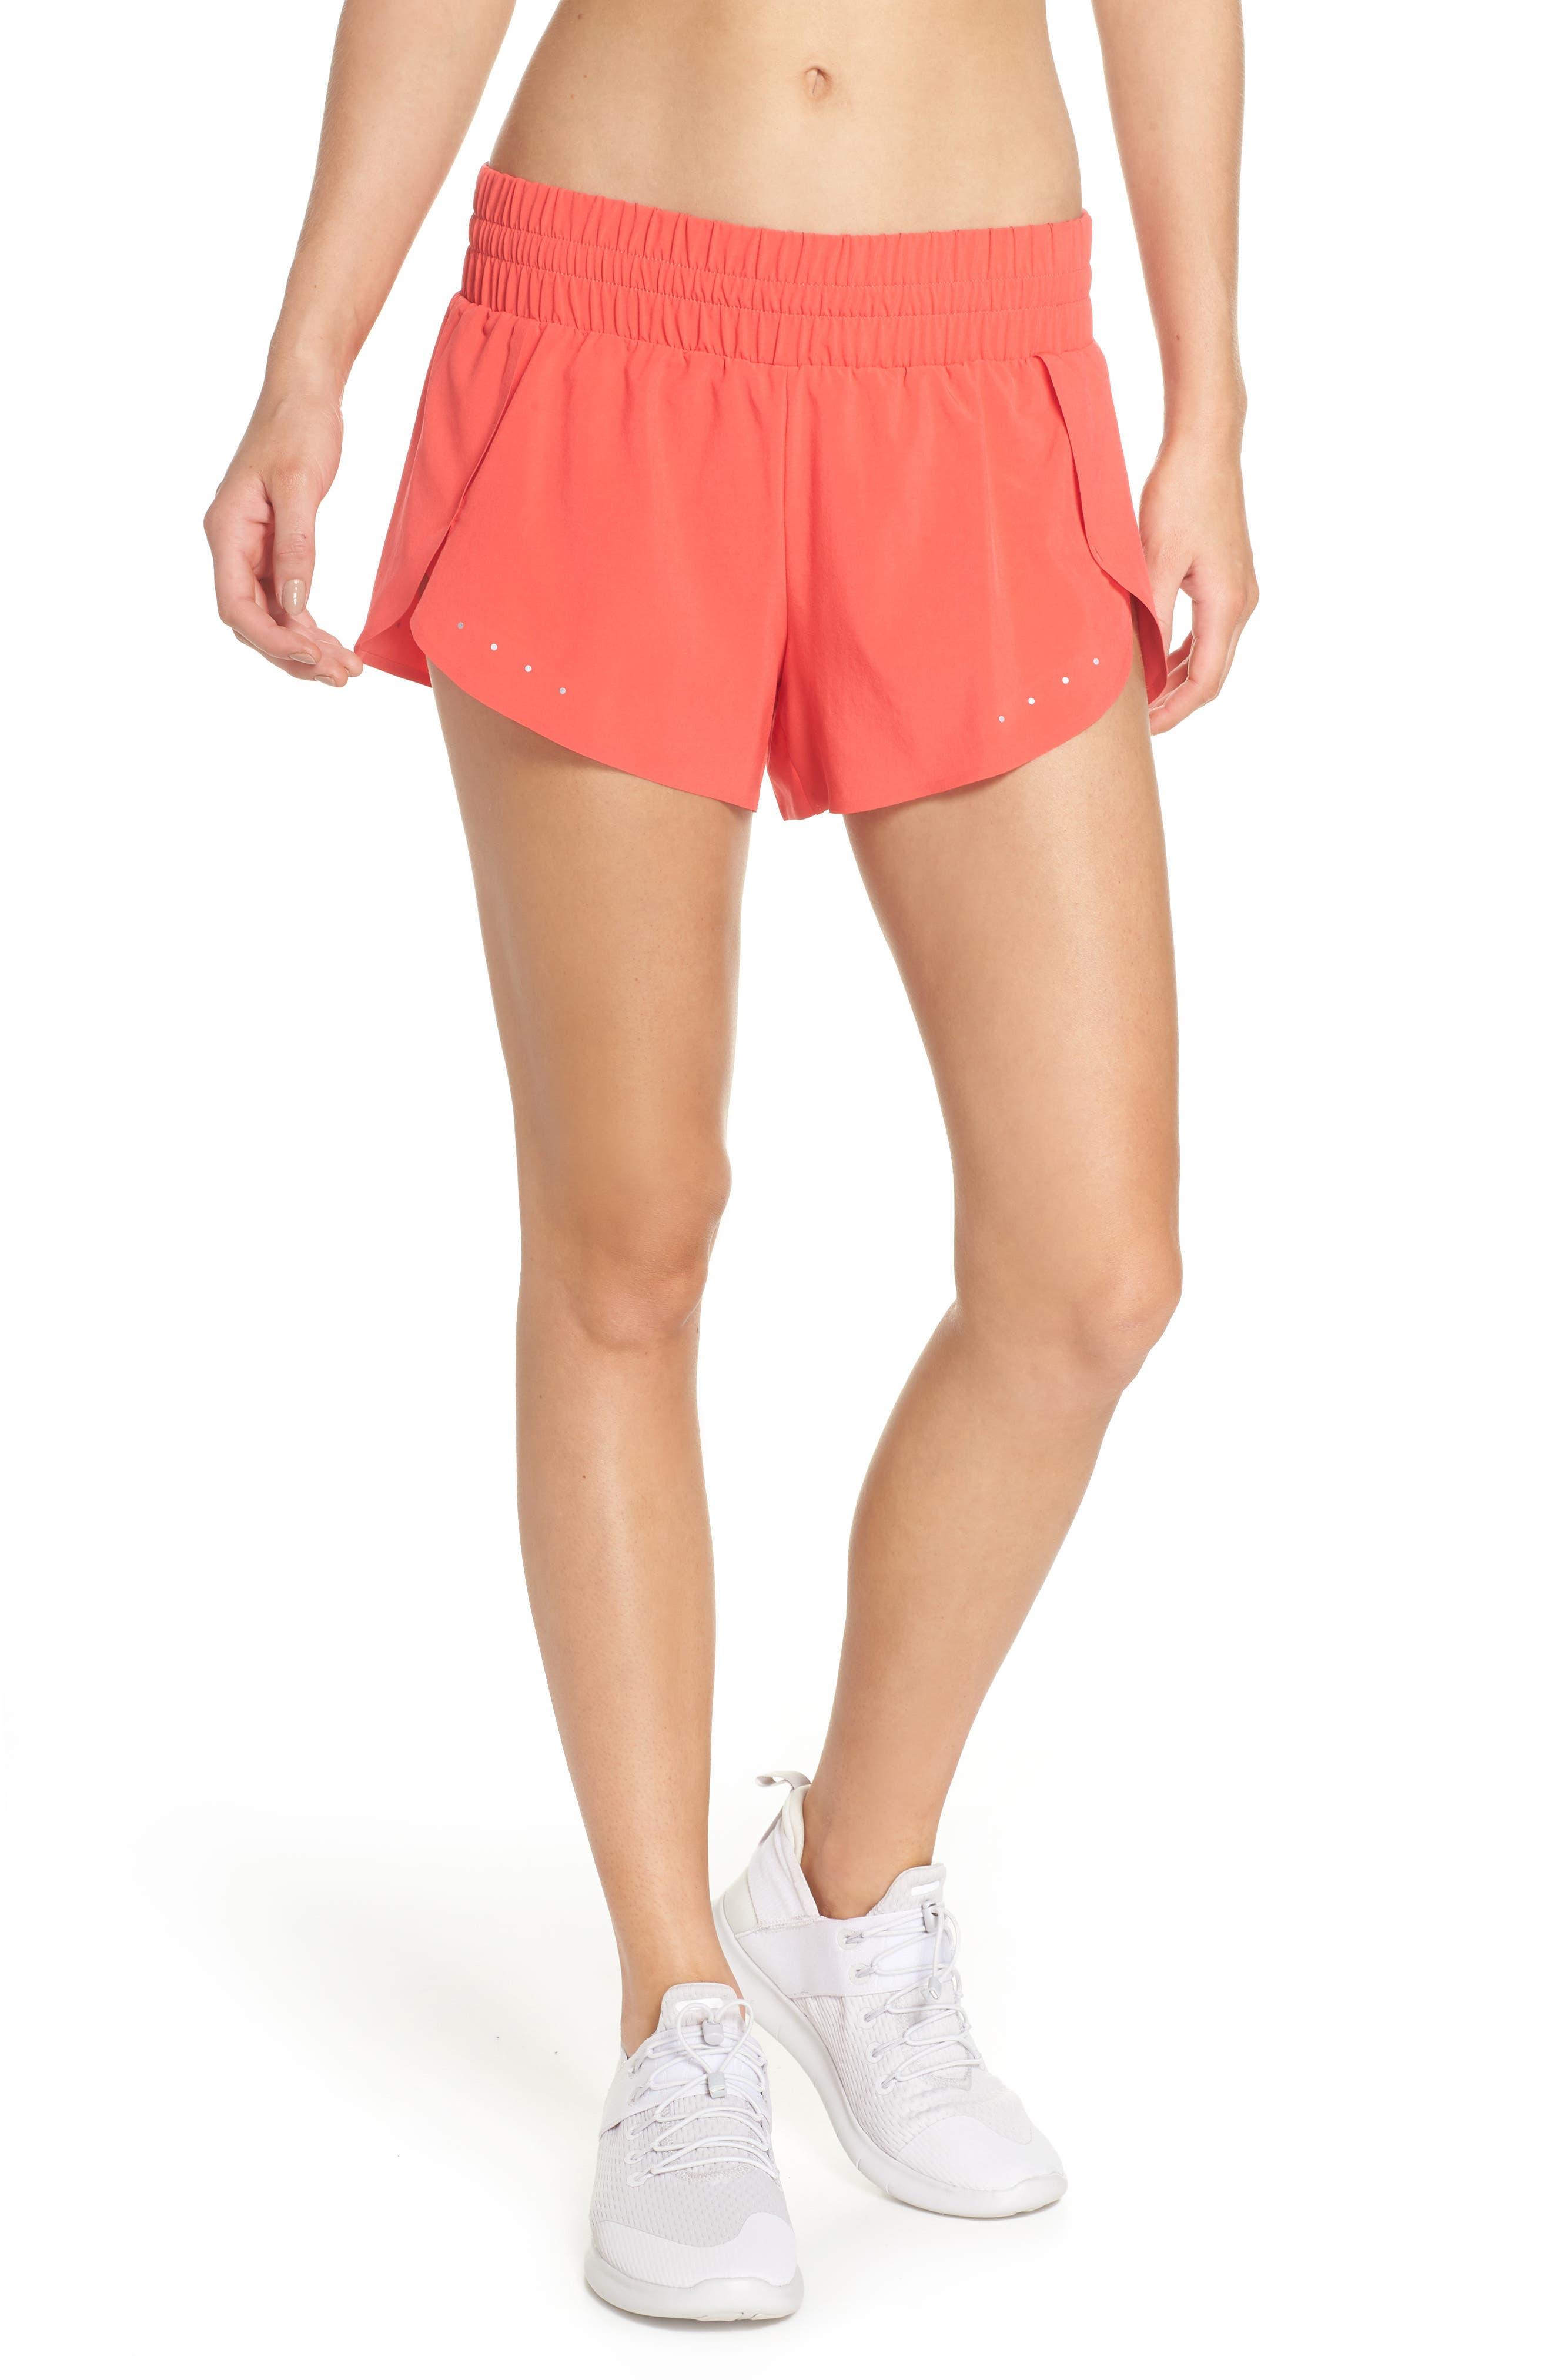 Run Play Shorts,                             Main thumbnail 1, color,                             Red Hibiscus